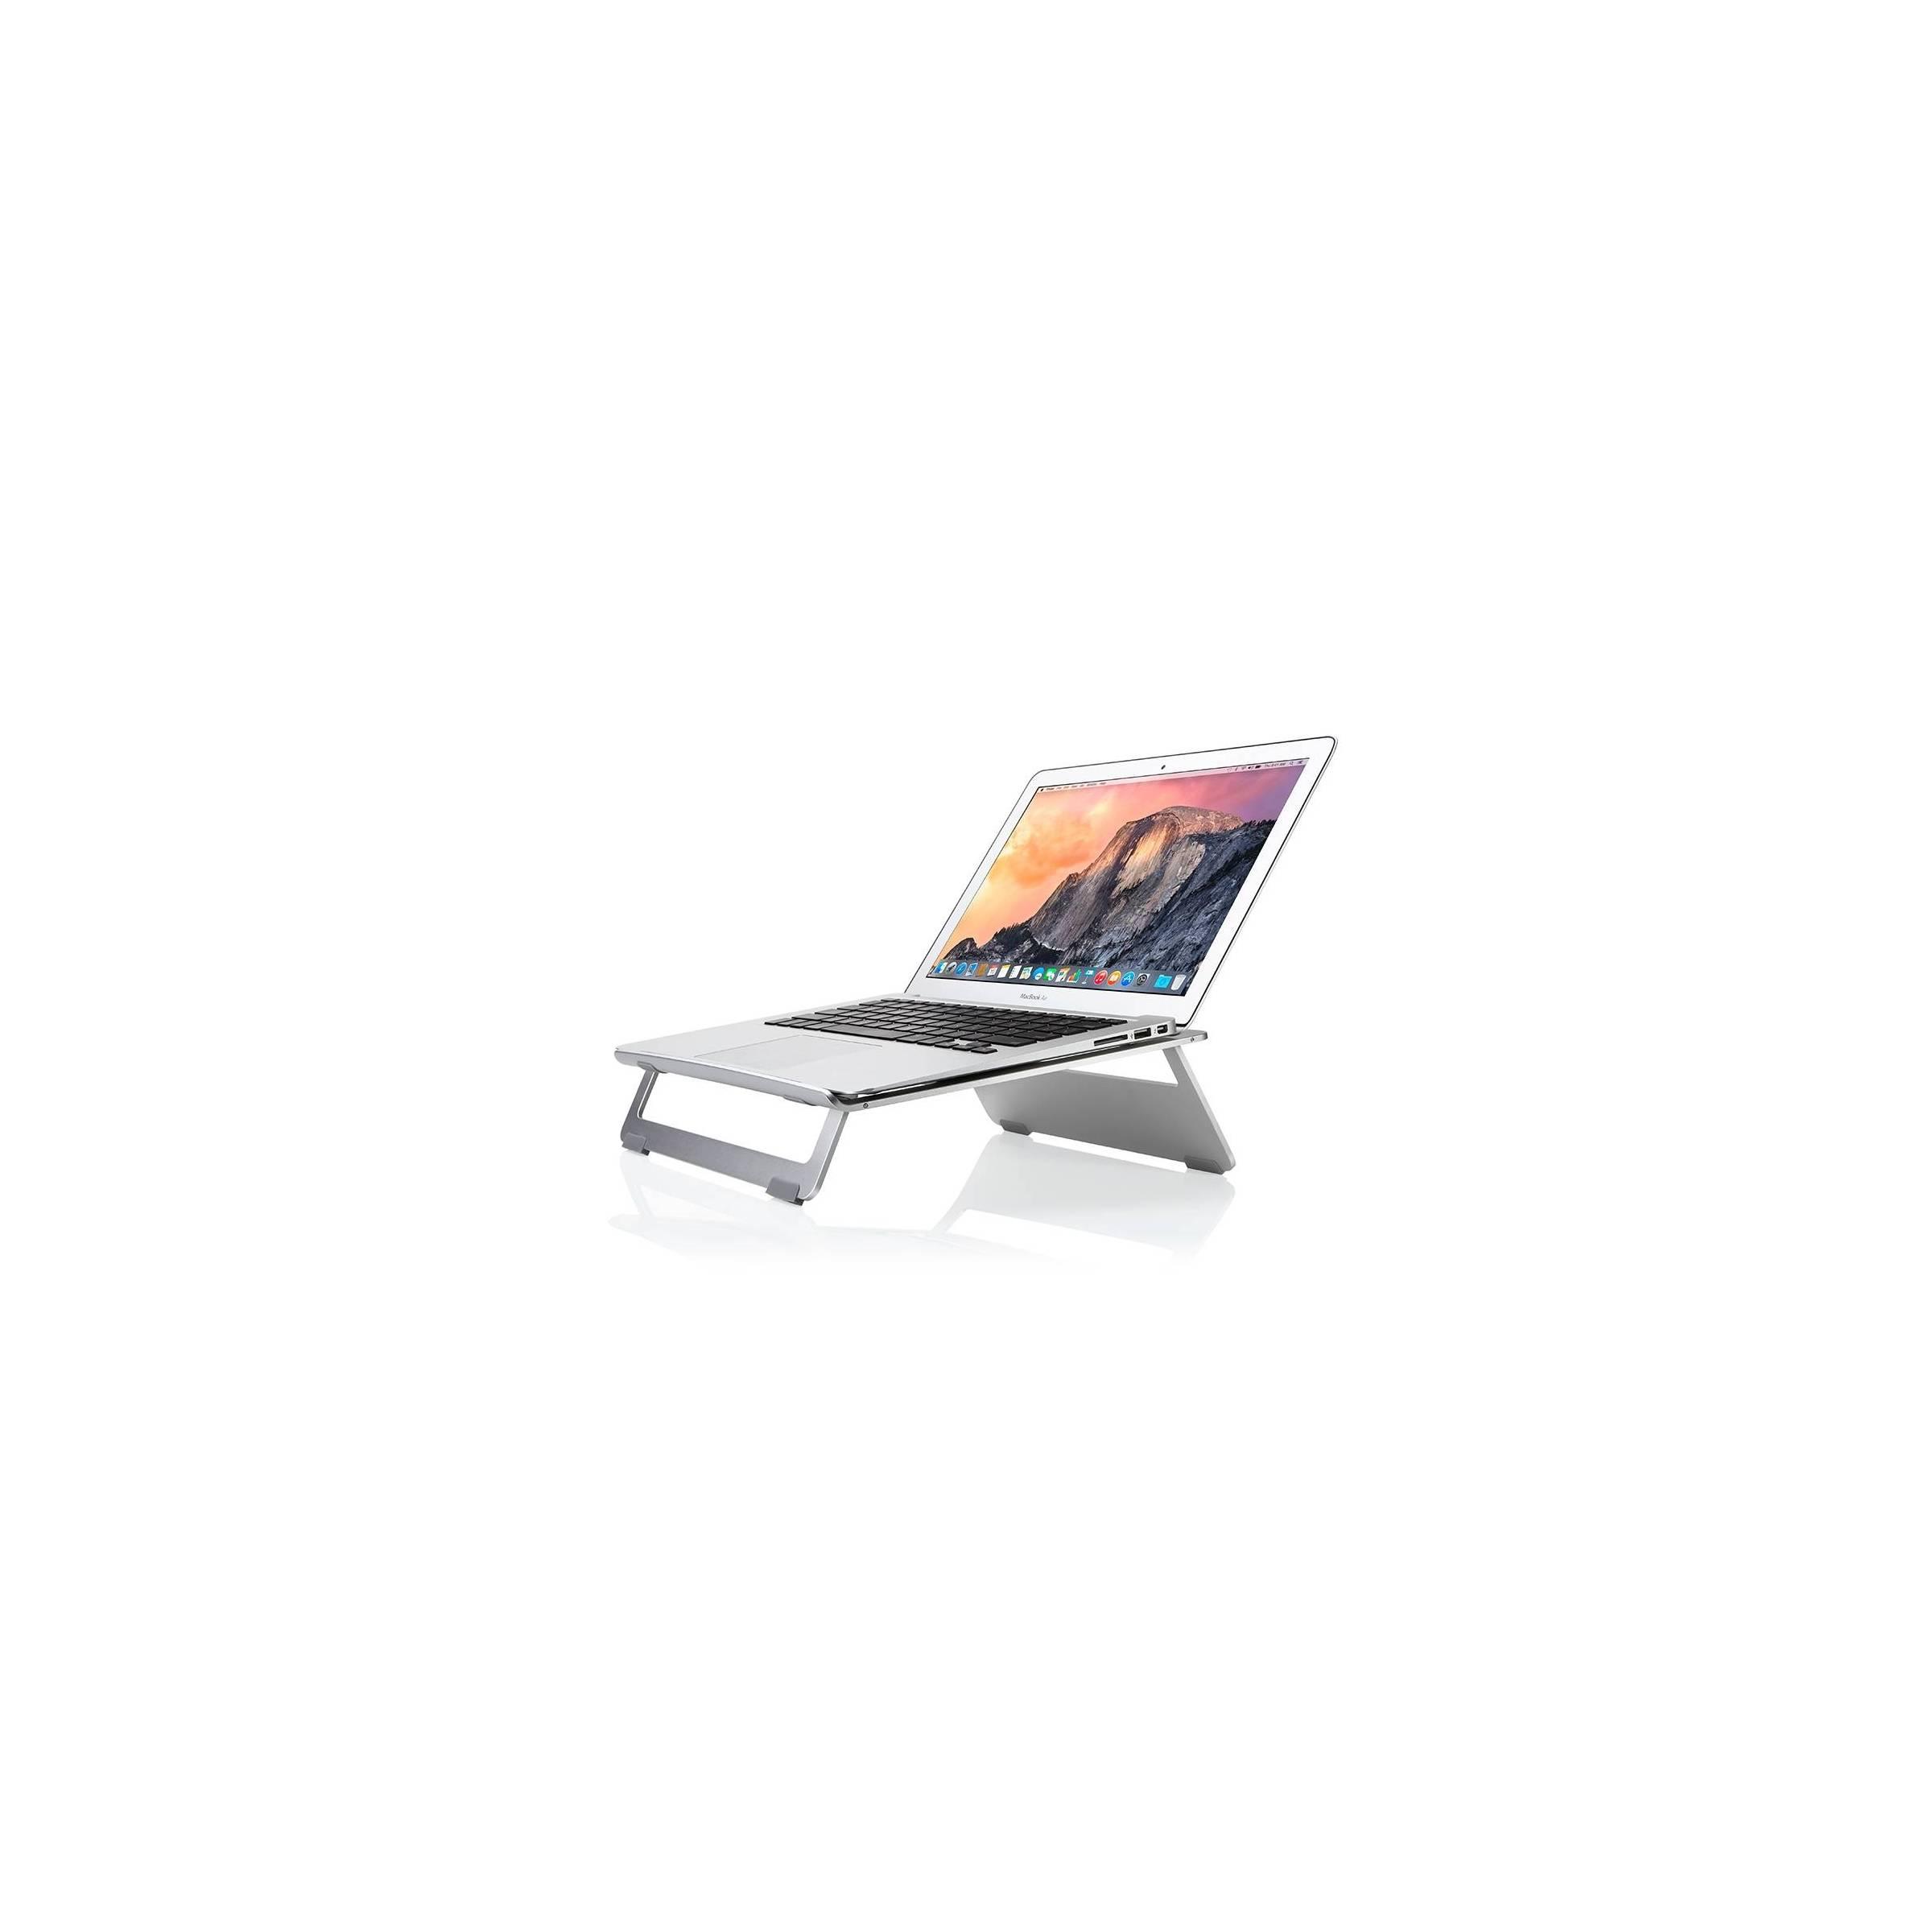 kina oem – Smart alu stand til macbook og laptop på mackabler.dk